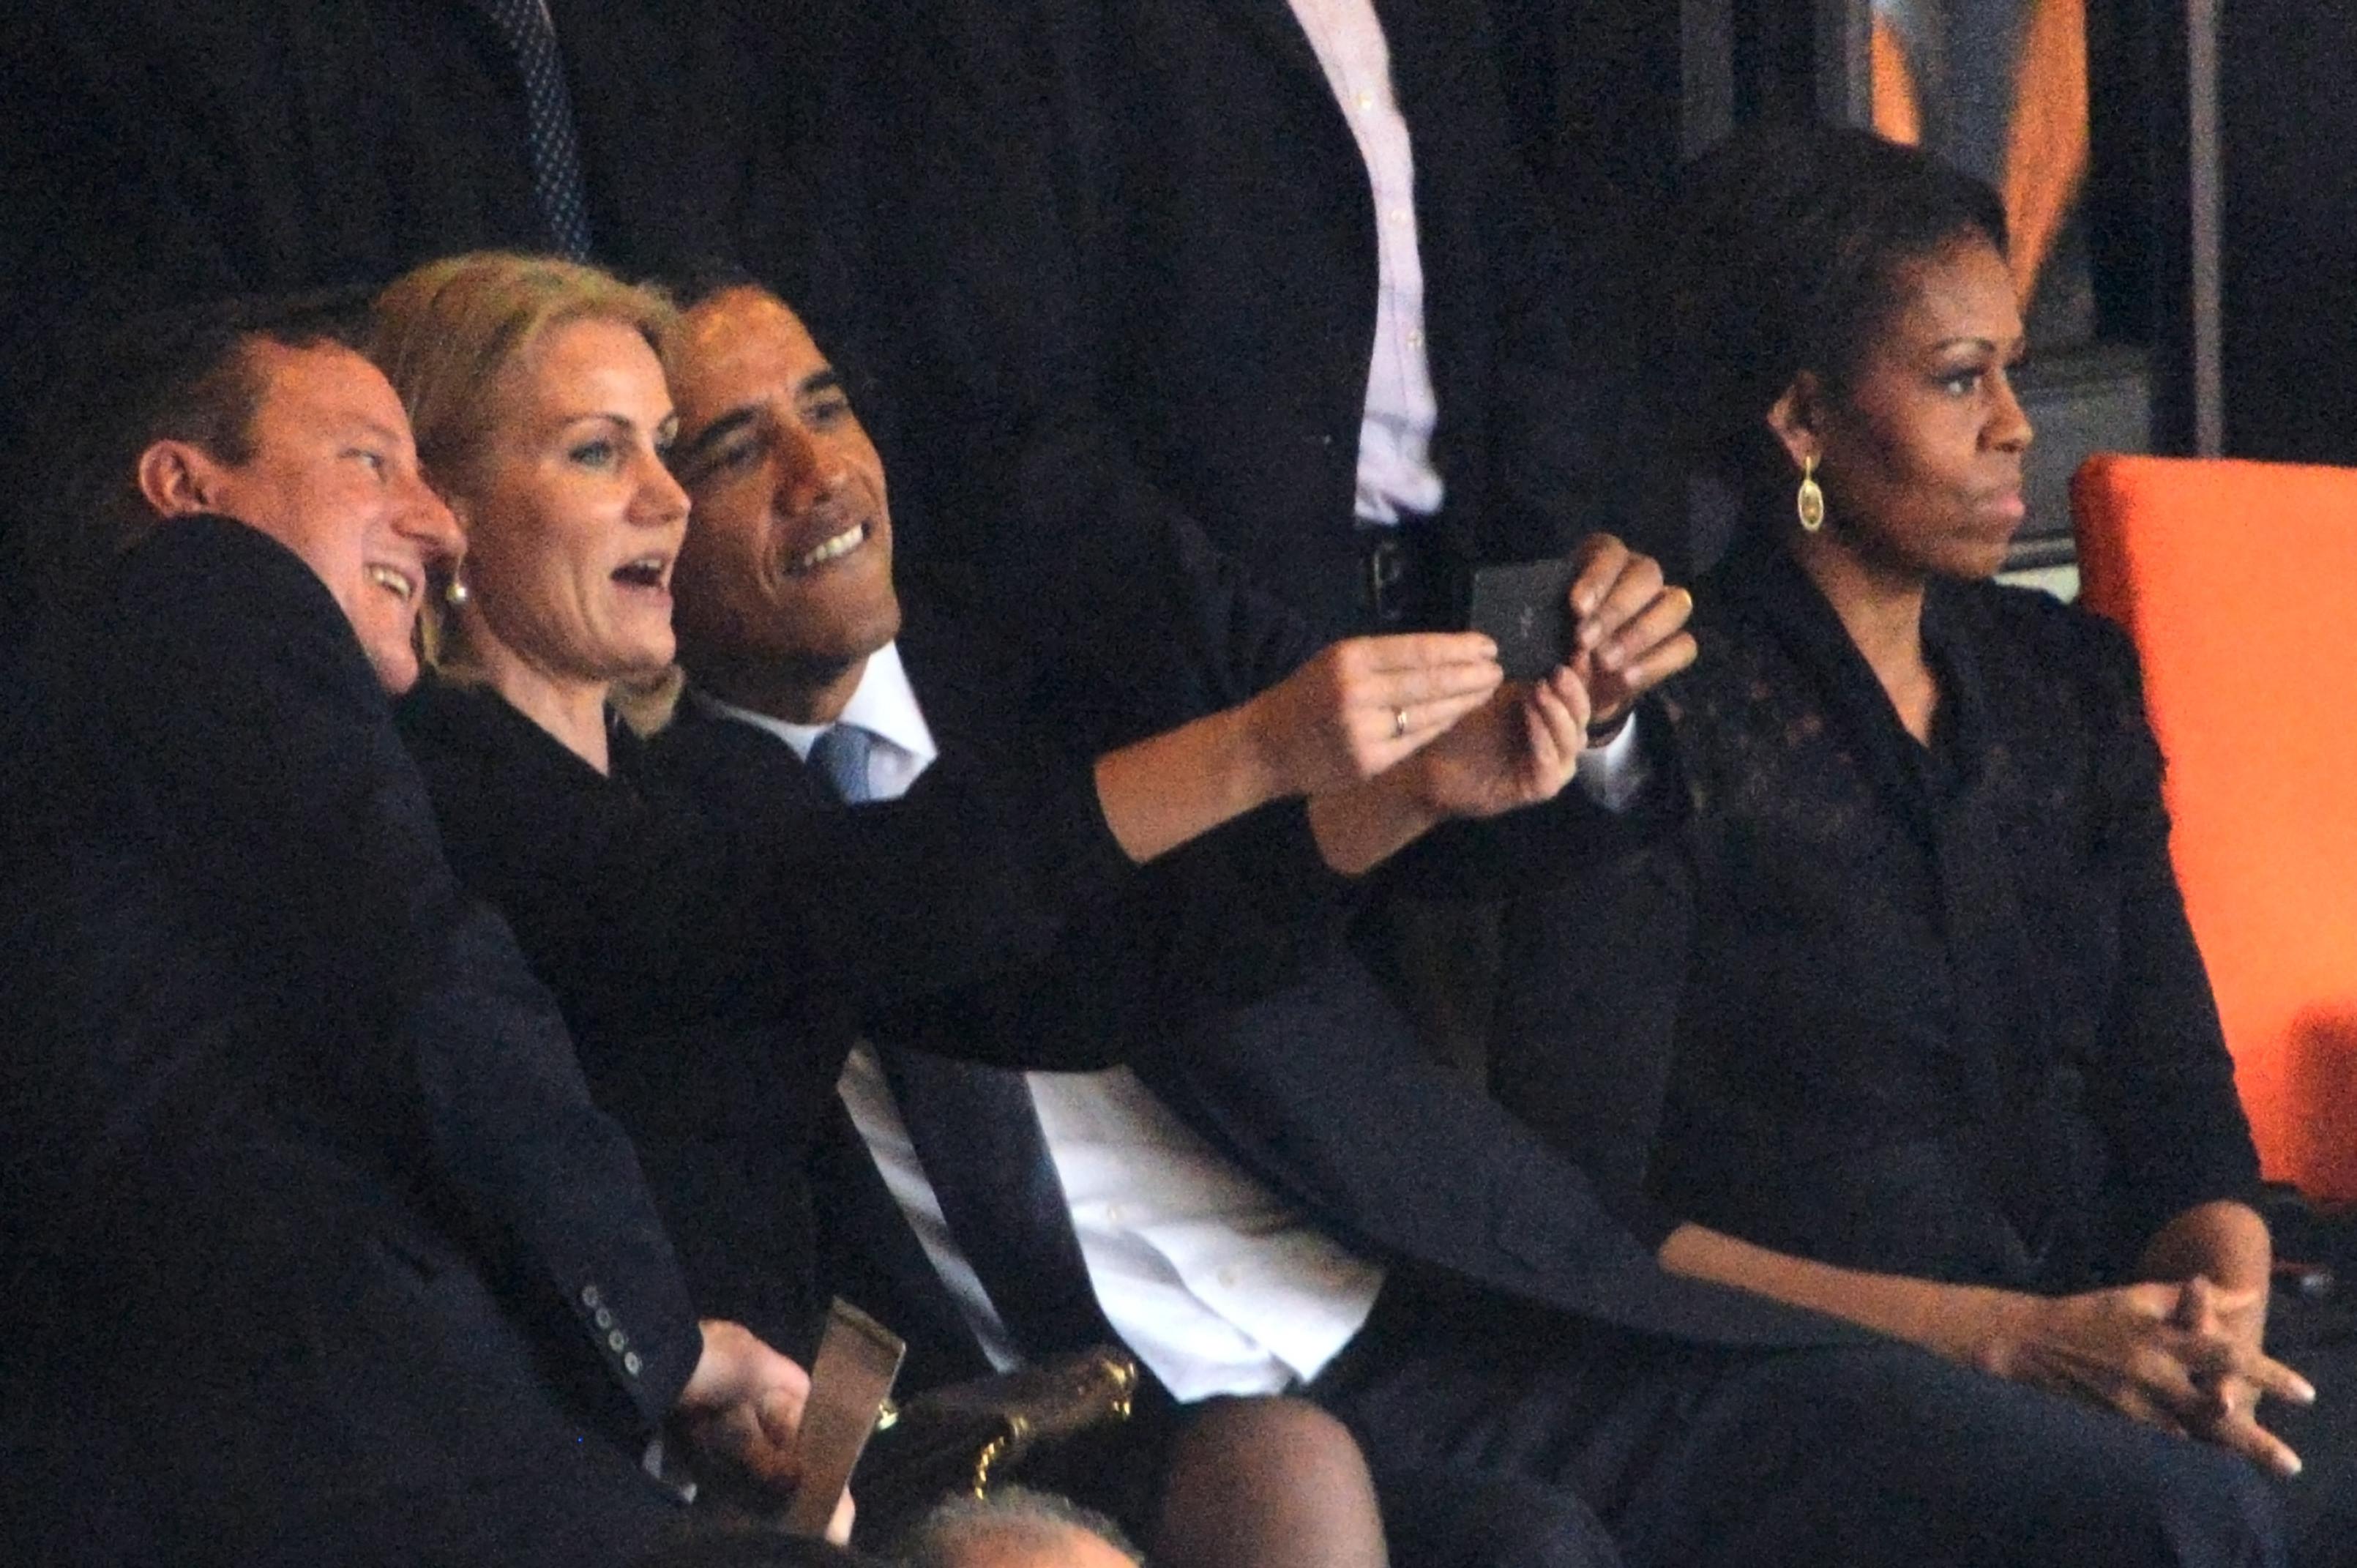 danish prime minister obama